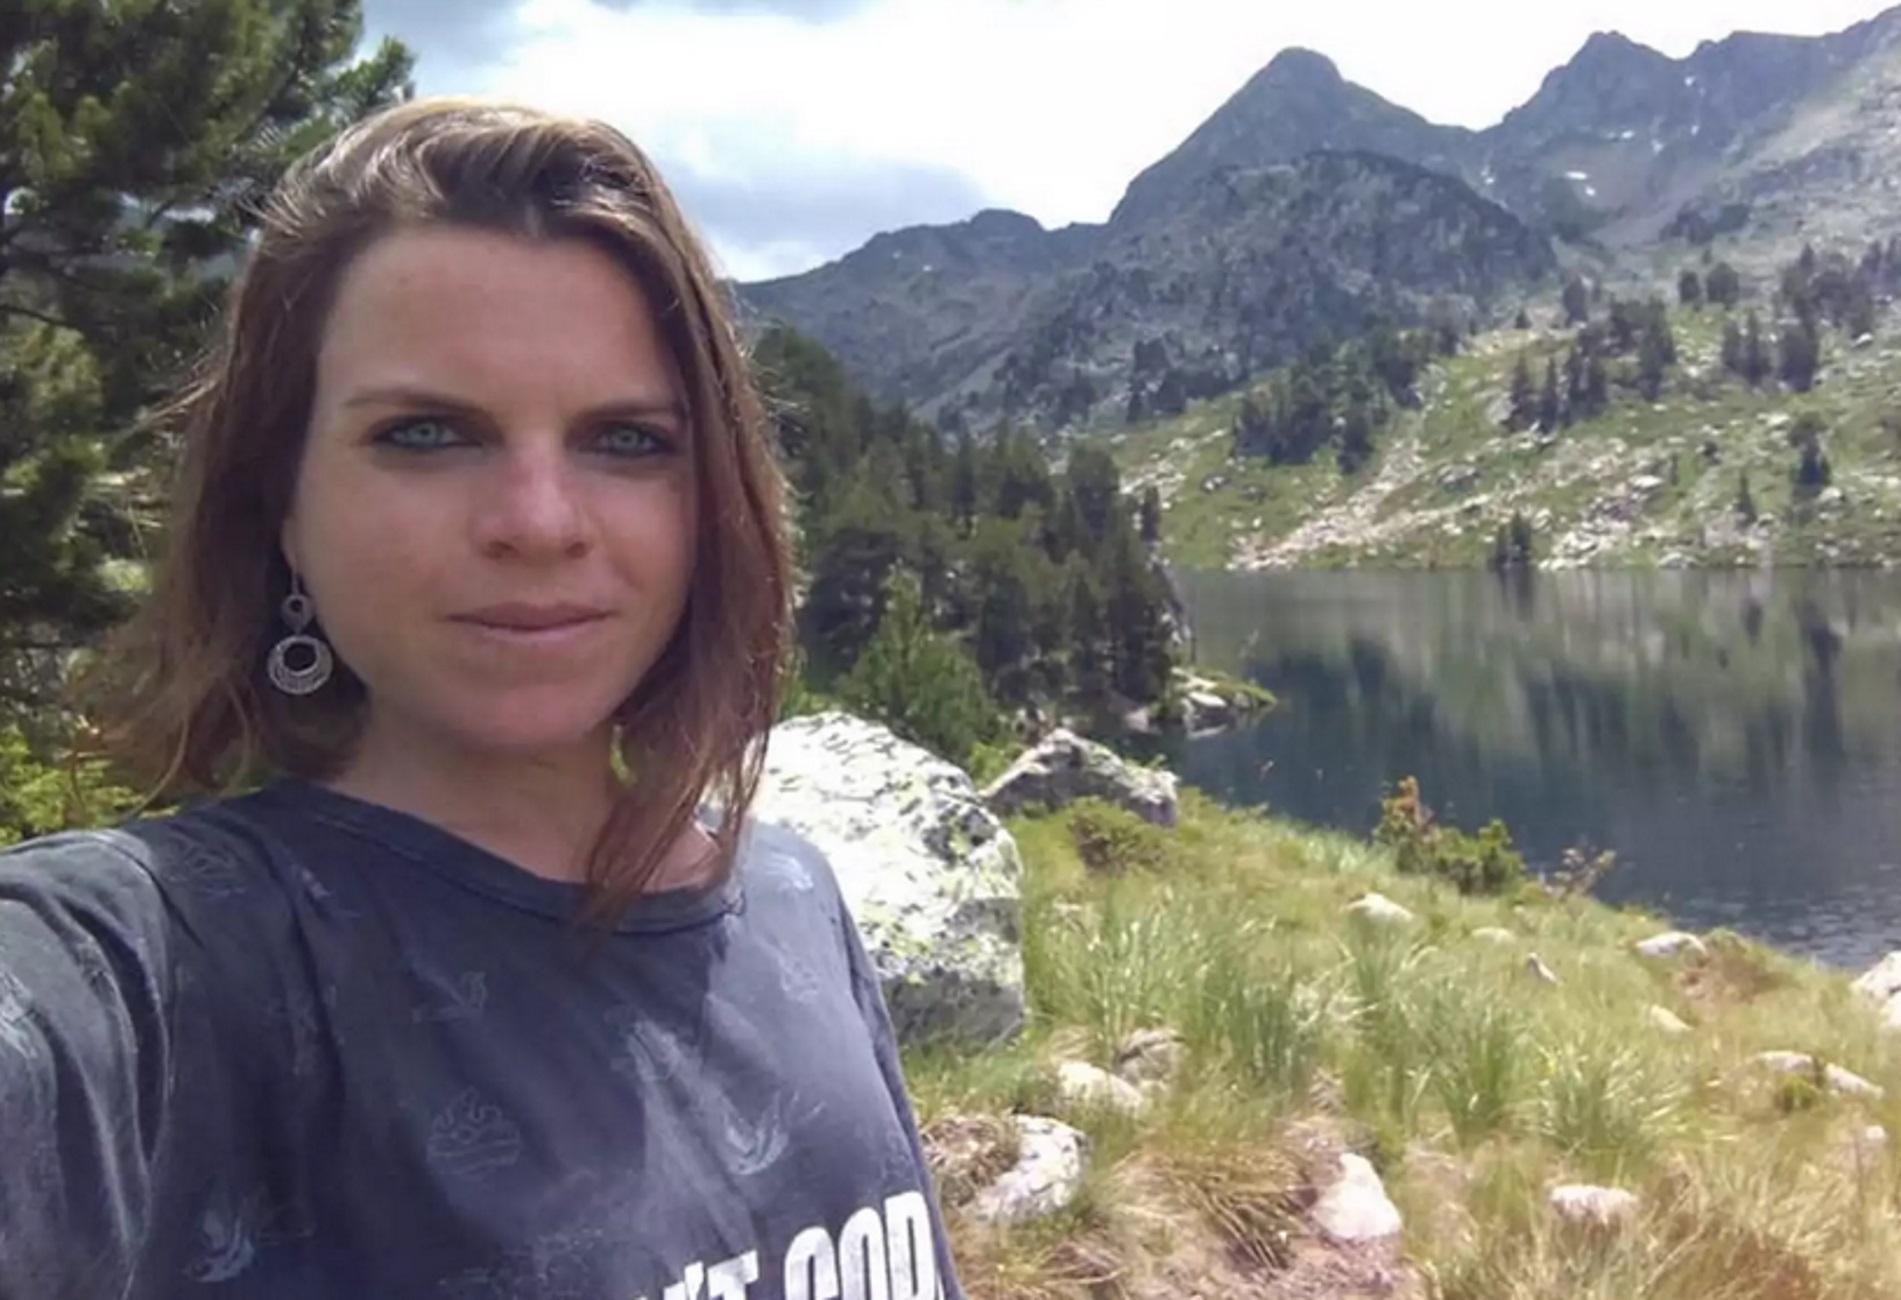 Κρήτη: Το πόρισμα της ιατροδικαστικής εξέτασης για τον θάνατο της Γαλλίδας τουρίστριας – Ένα λάθος μοιραίο